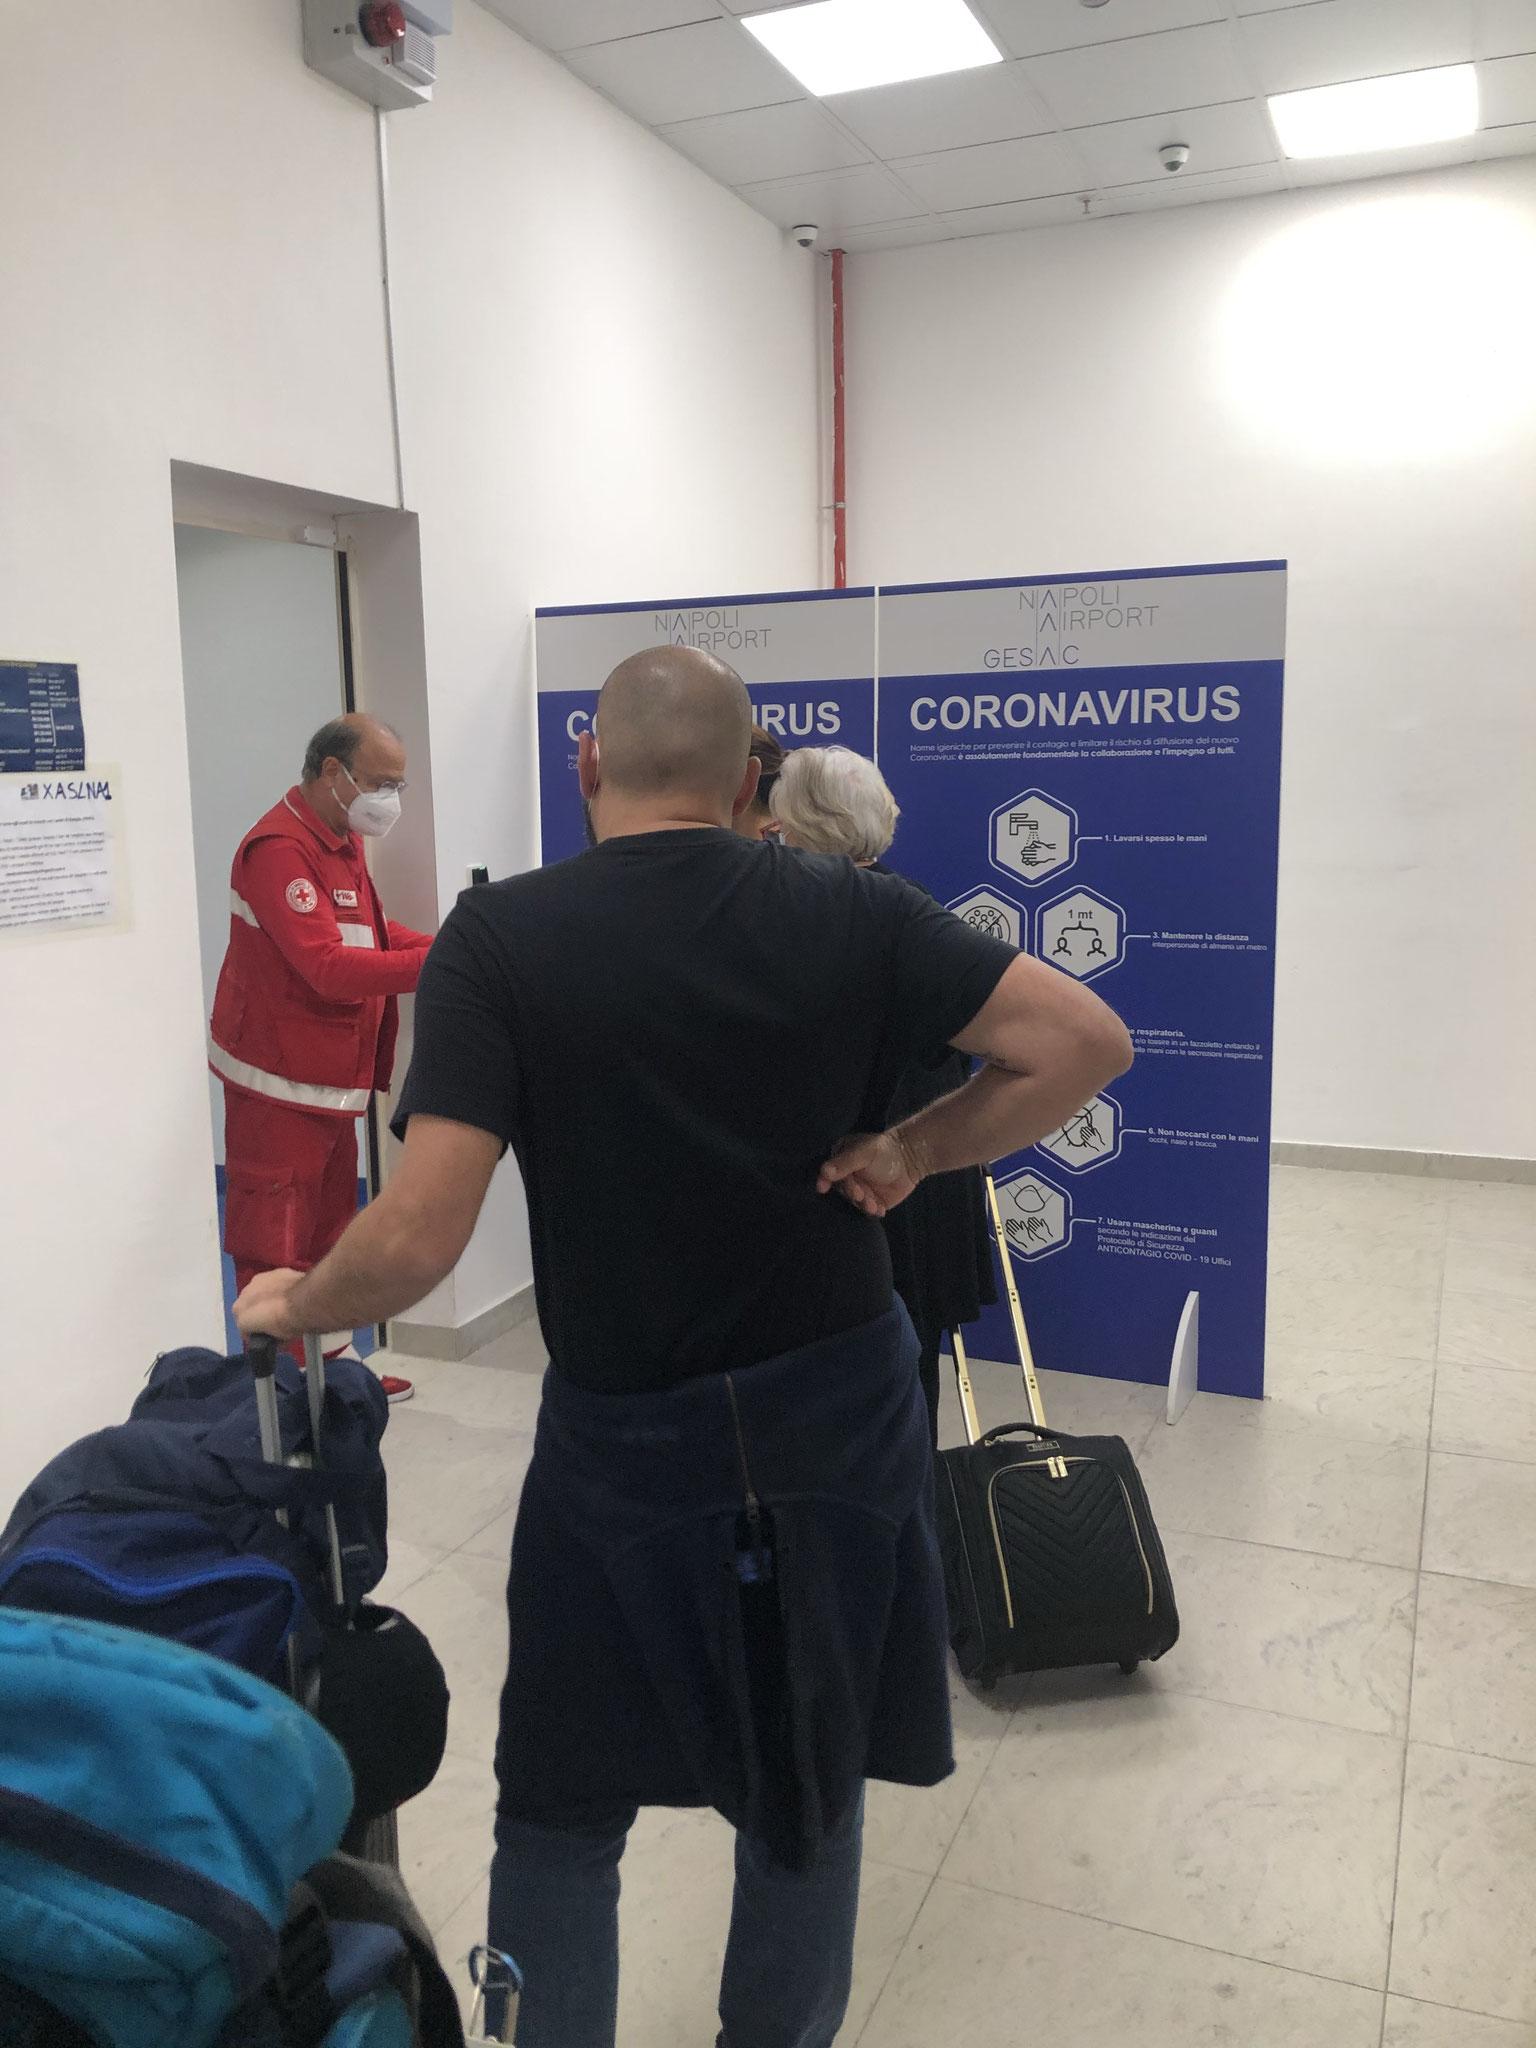 ナポリ空港:完全防護服をまとった保健所職員が部屋に待機しており、綿棒挿入によるPCR検査